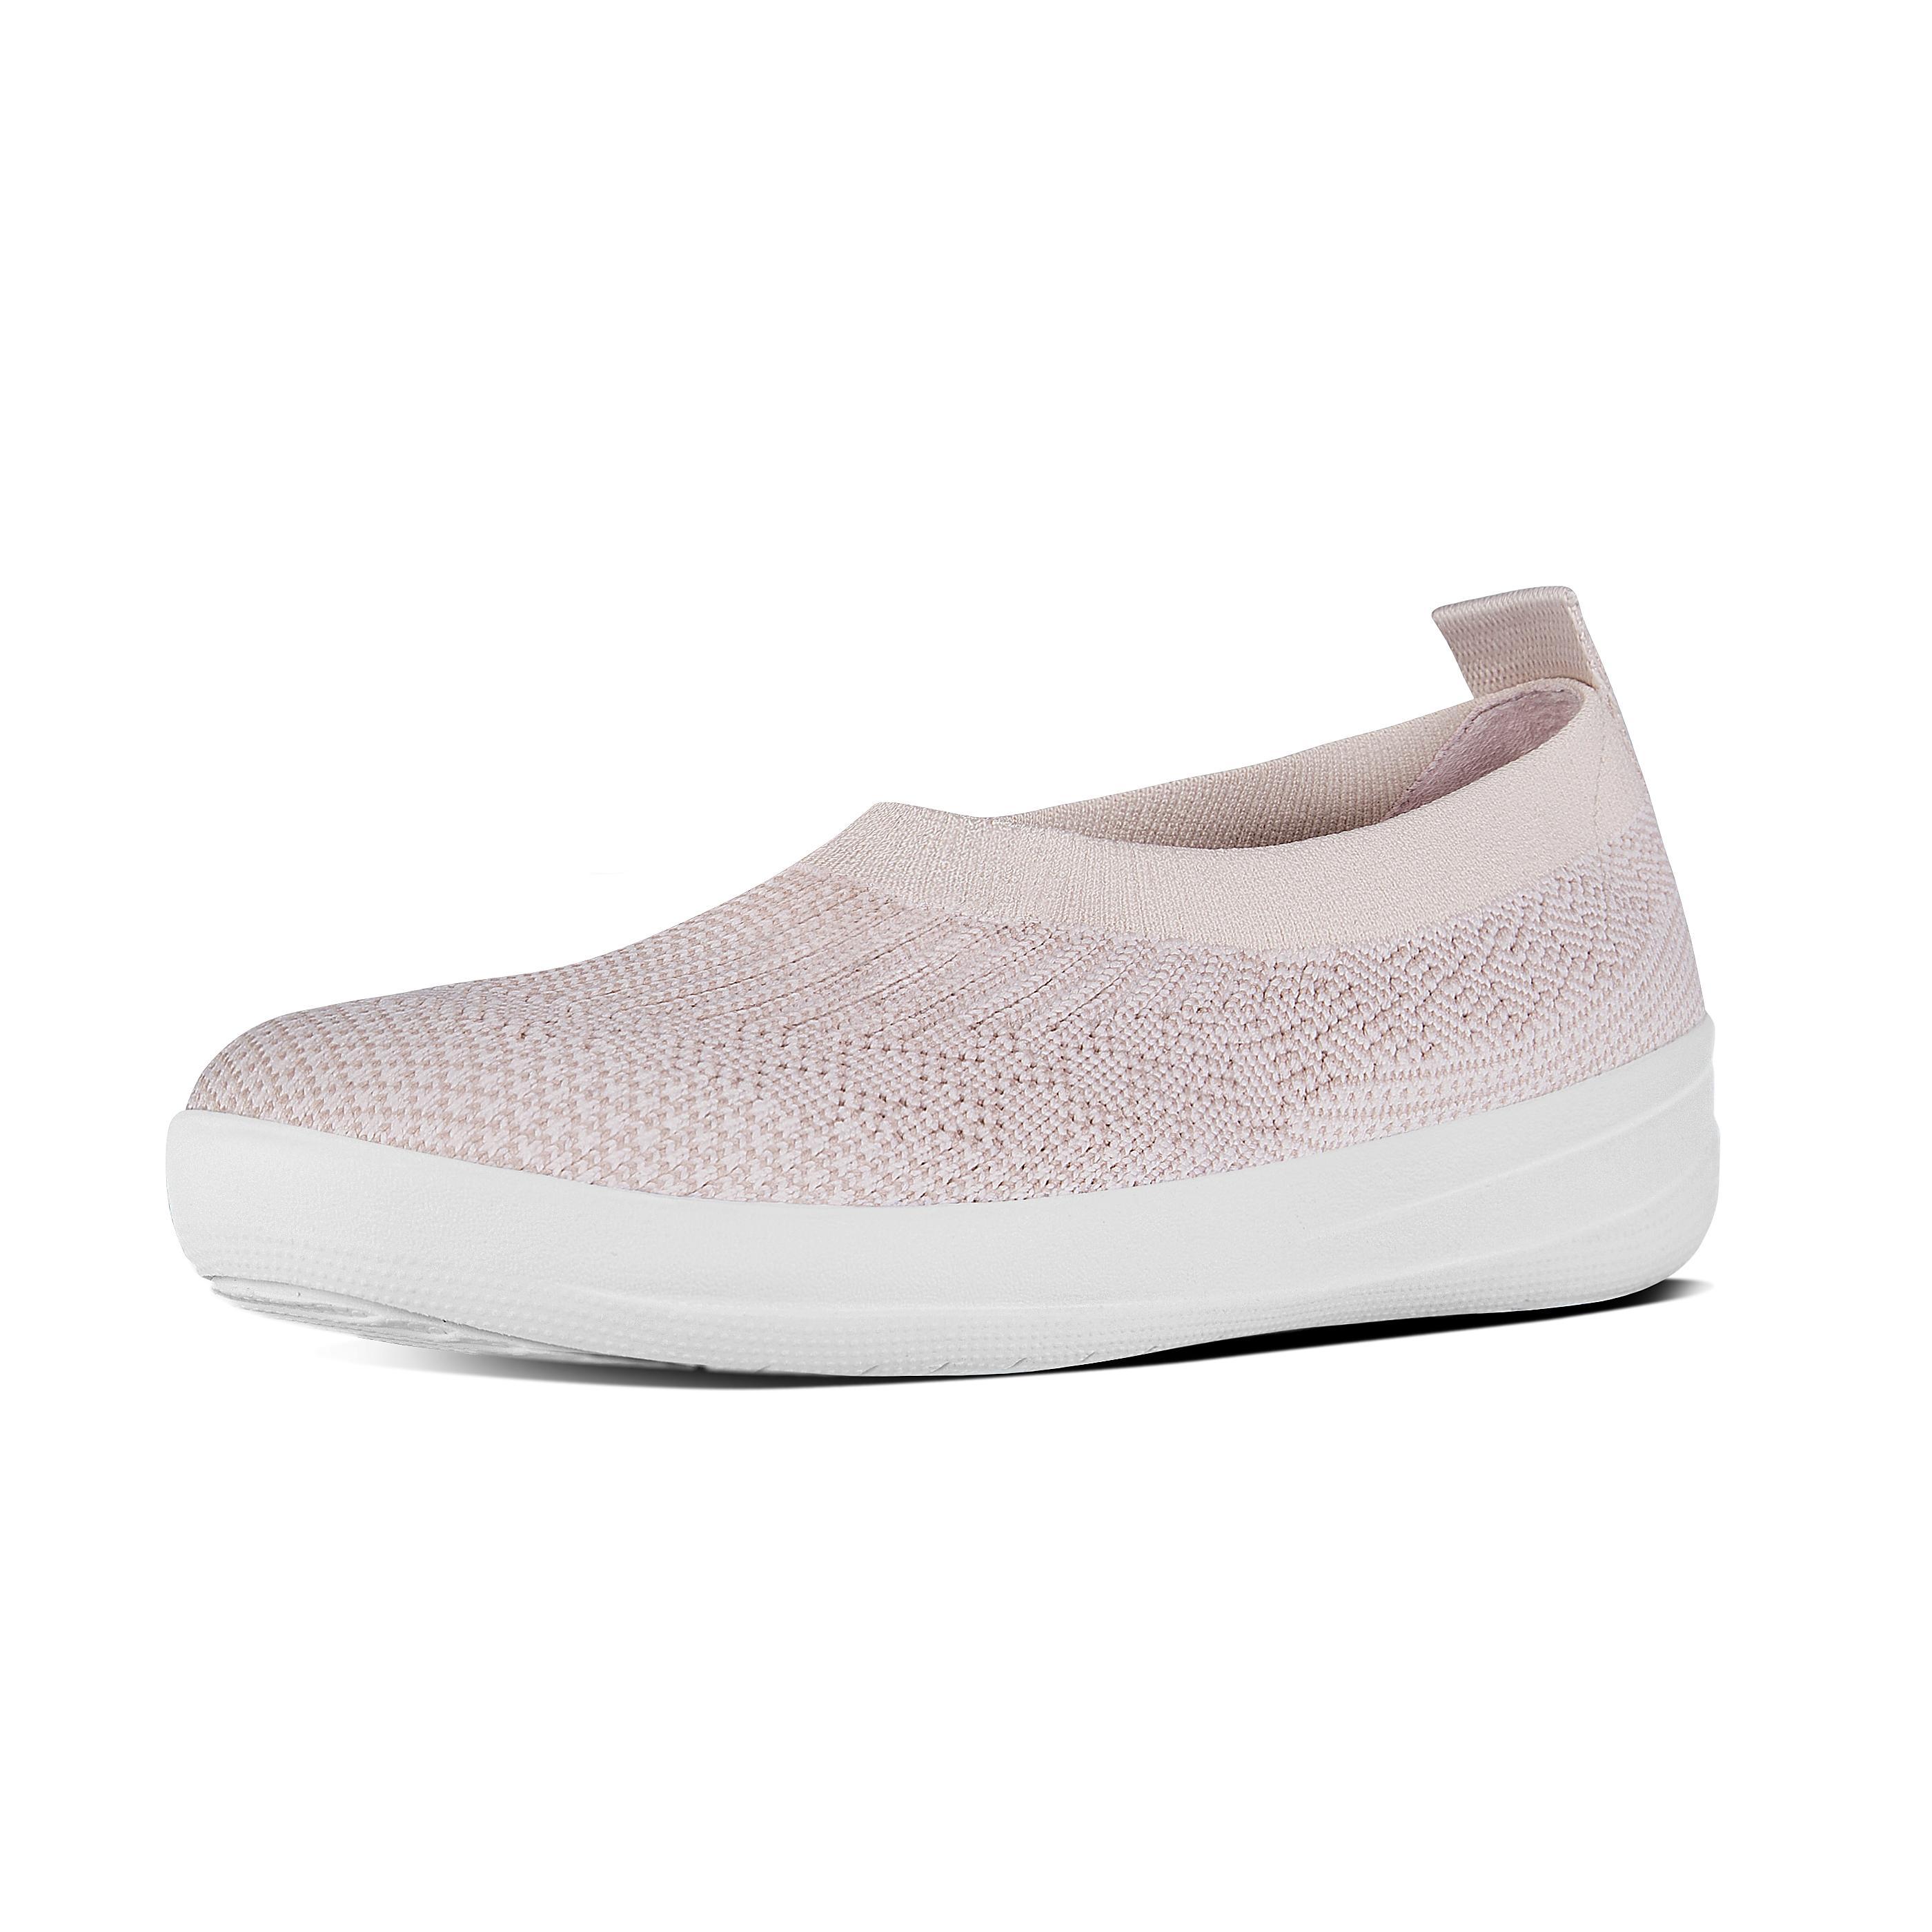 Uberknit slip on ballerina neon blush white h95 460